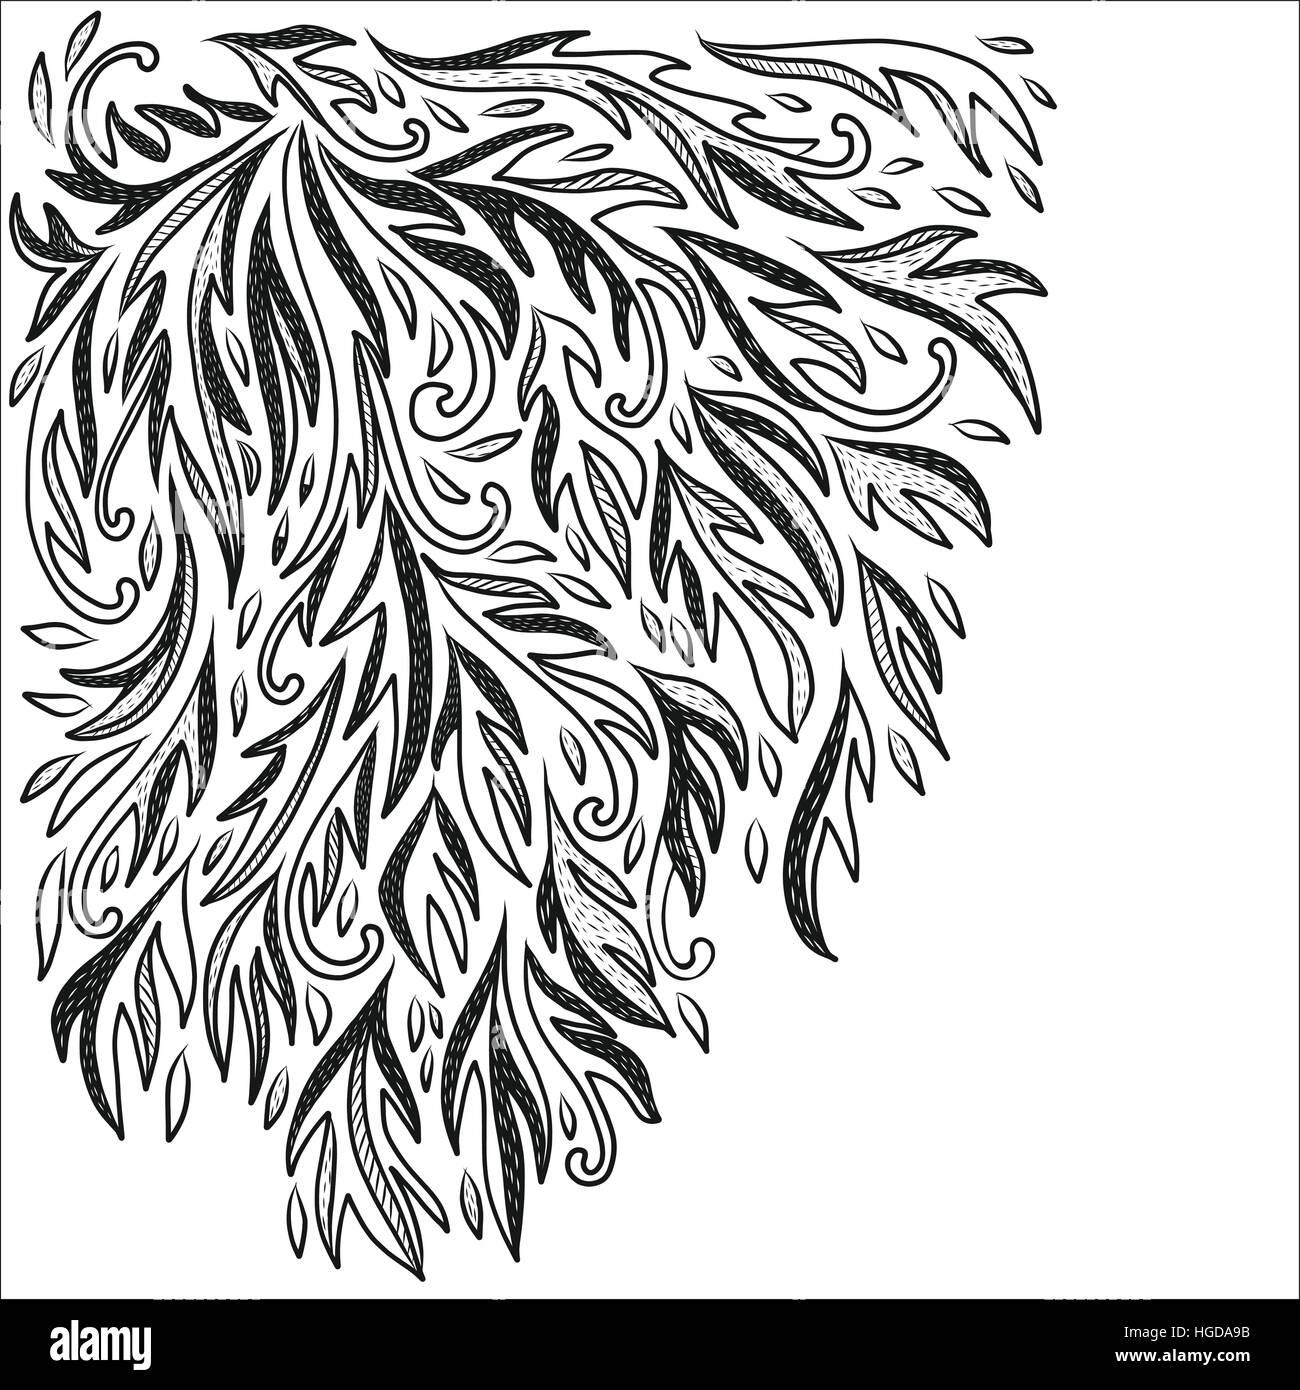 Fioriscono classica doodle immagine sfondo decorativo Immagini Stock